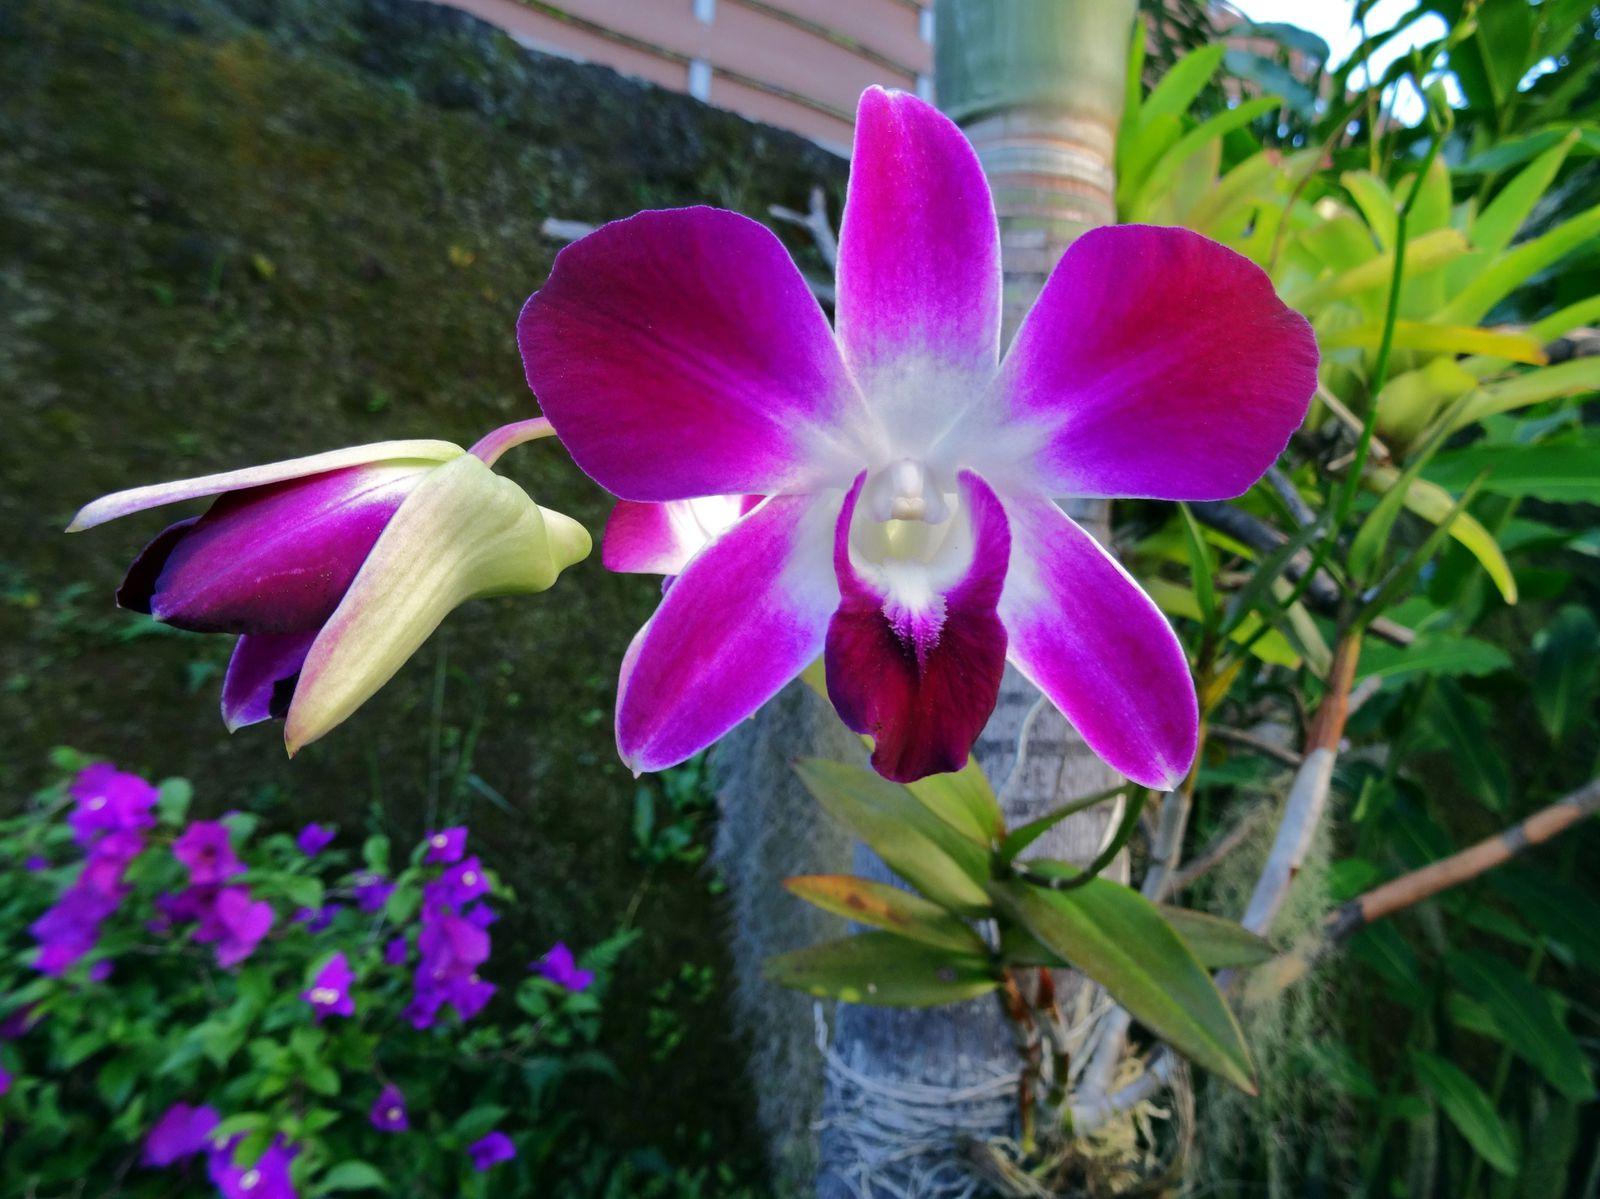 une fleur - ajonc - 20 janvier trouvée par Martine Papeete-Orchidee-violette